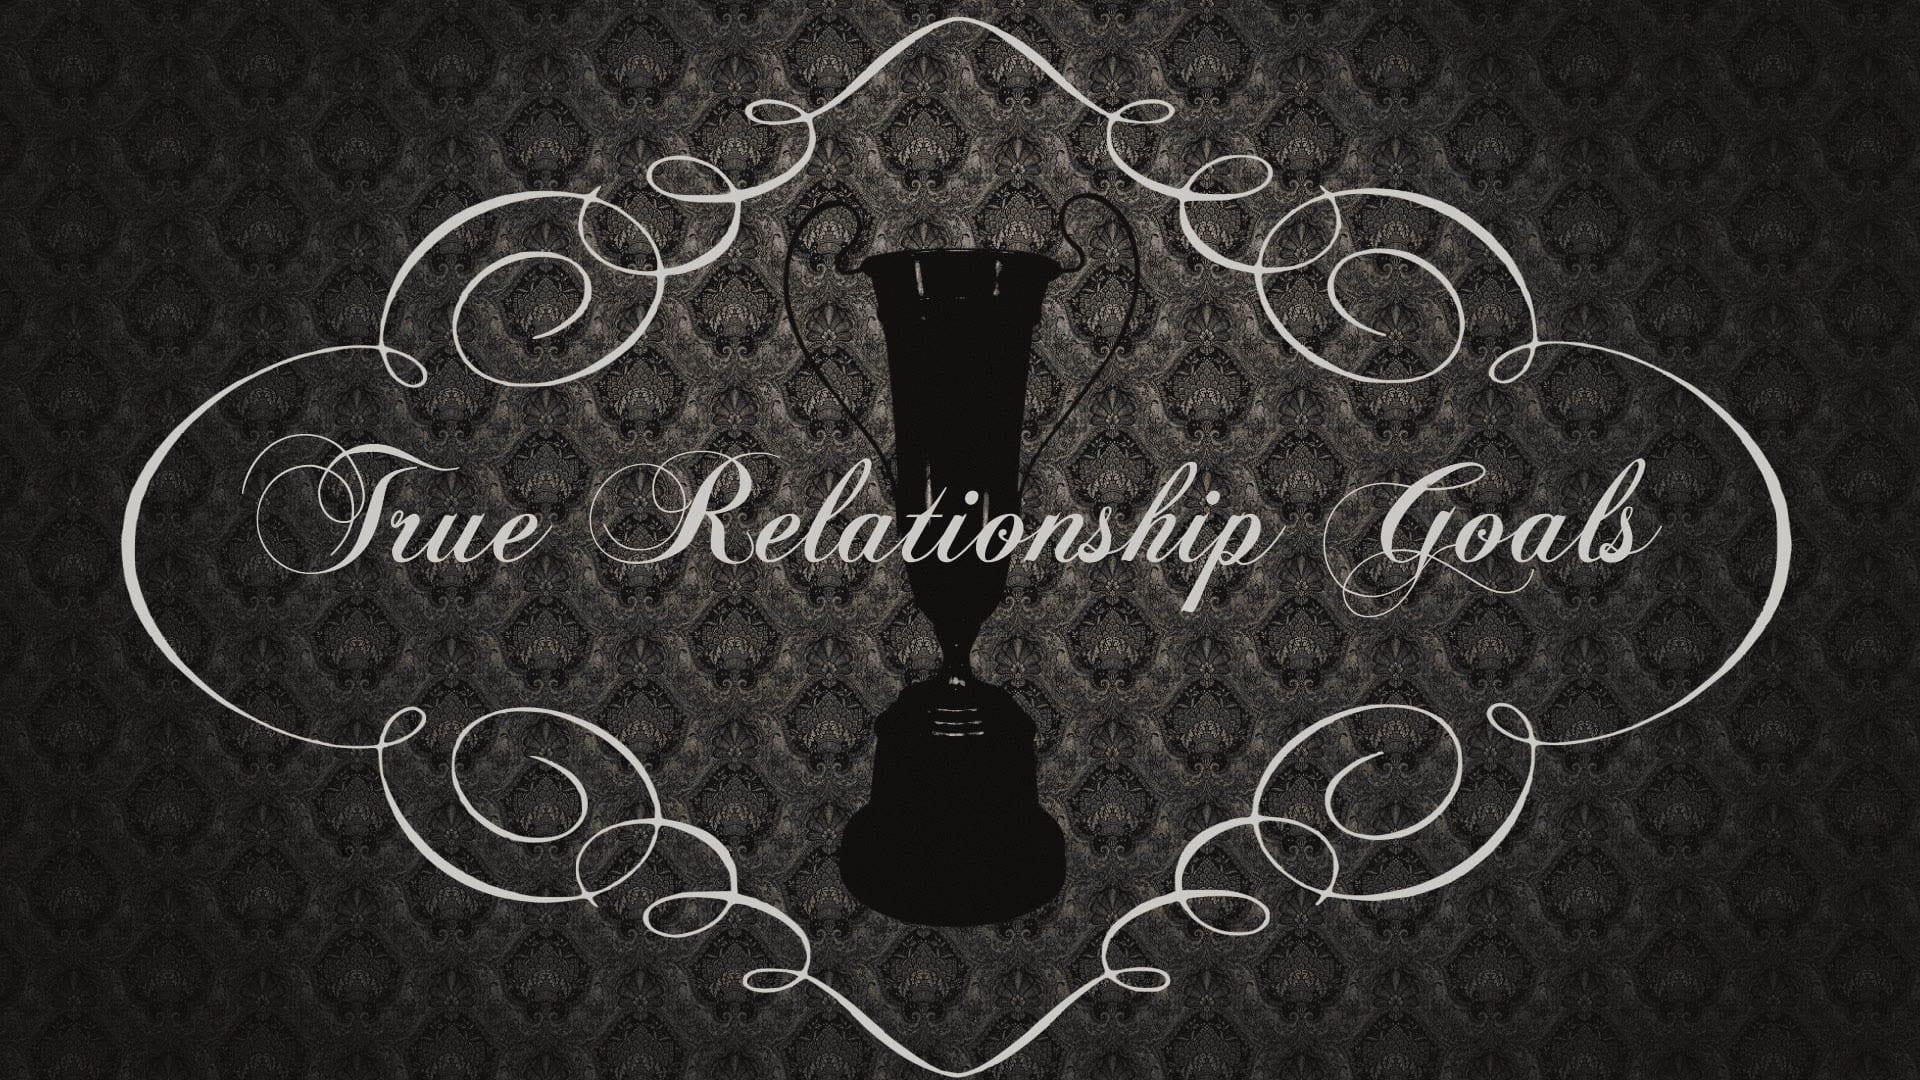 Relationship Goals: True Relationship Goals